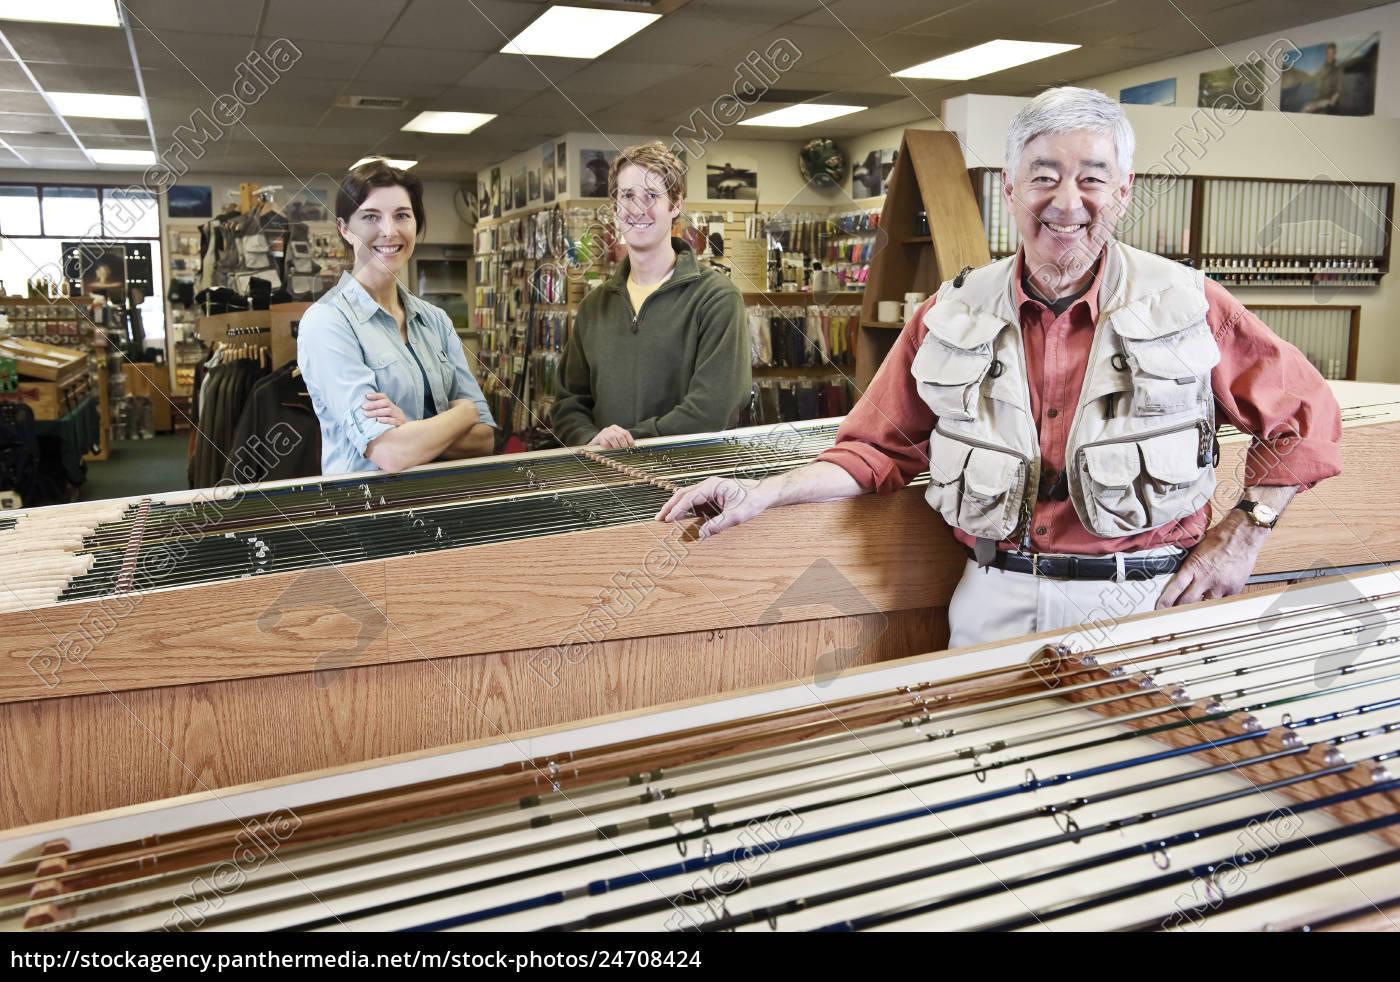 asiatische, amerikanische, seniorenbesitzerin, eines, fliegenfischereigeschäfts, im - 24708424